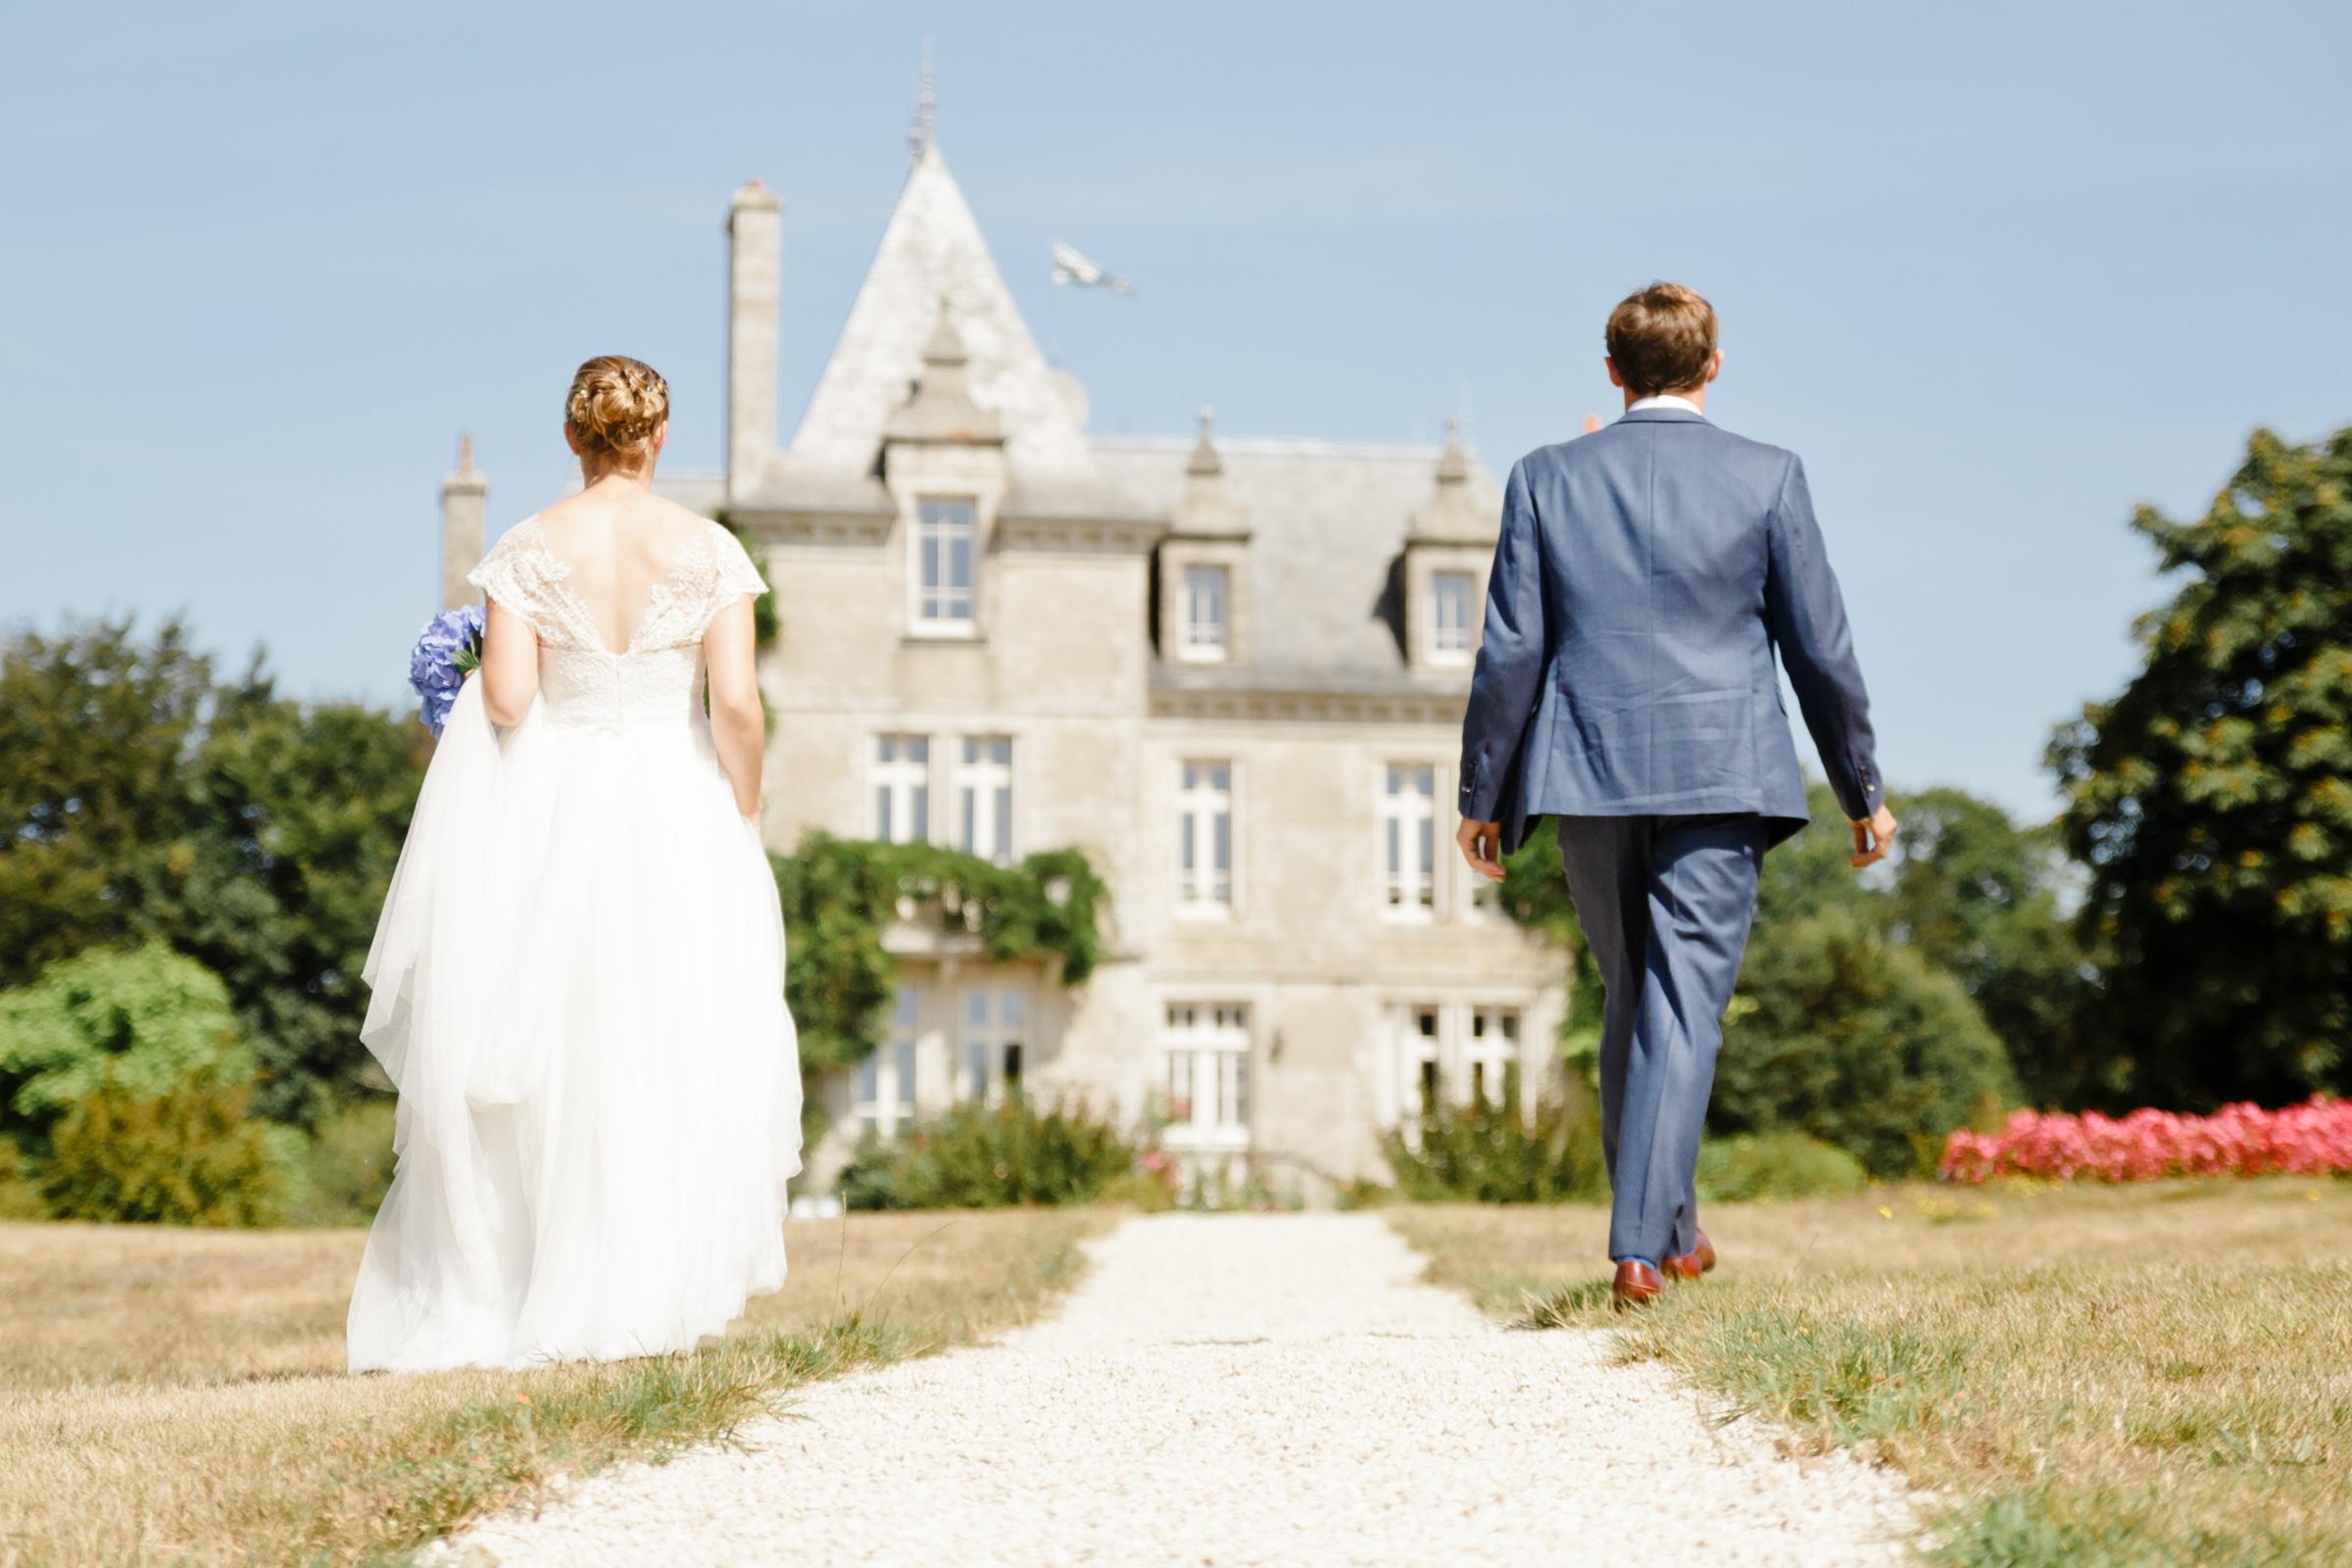 Photograhe-Mariage-Vannes-Bretagne-LV- Perrine et Bastien (25)